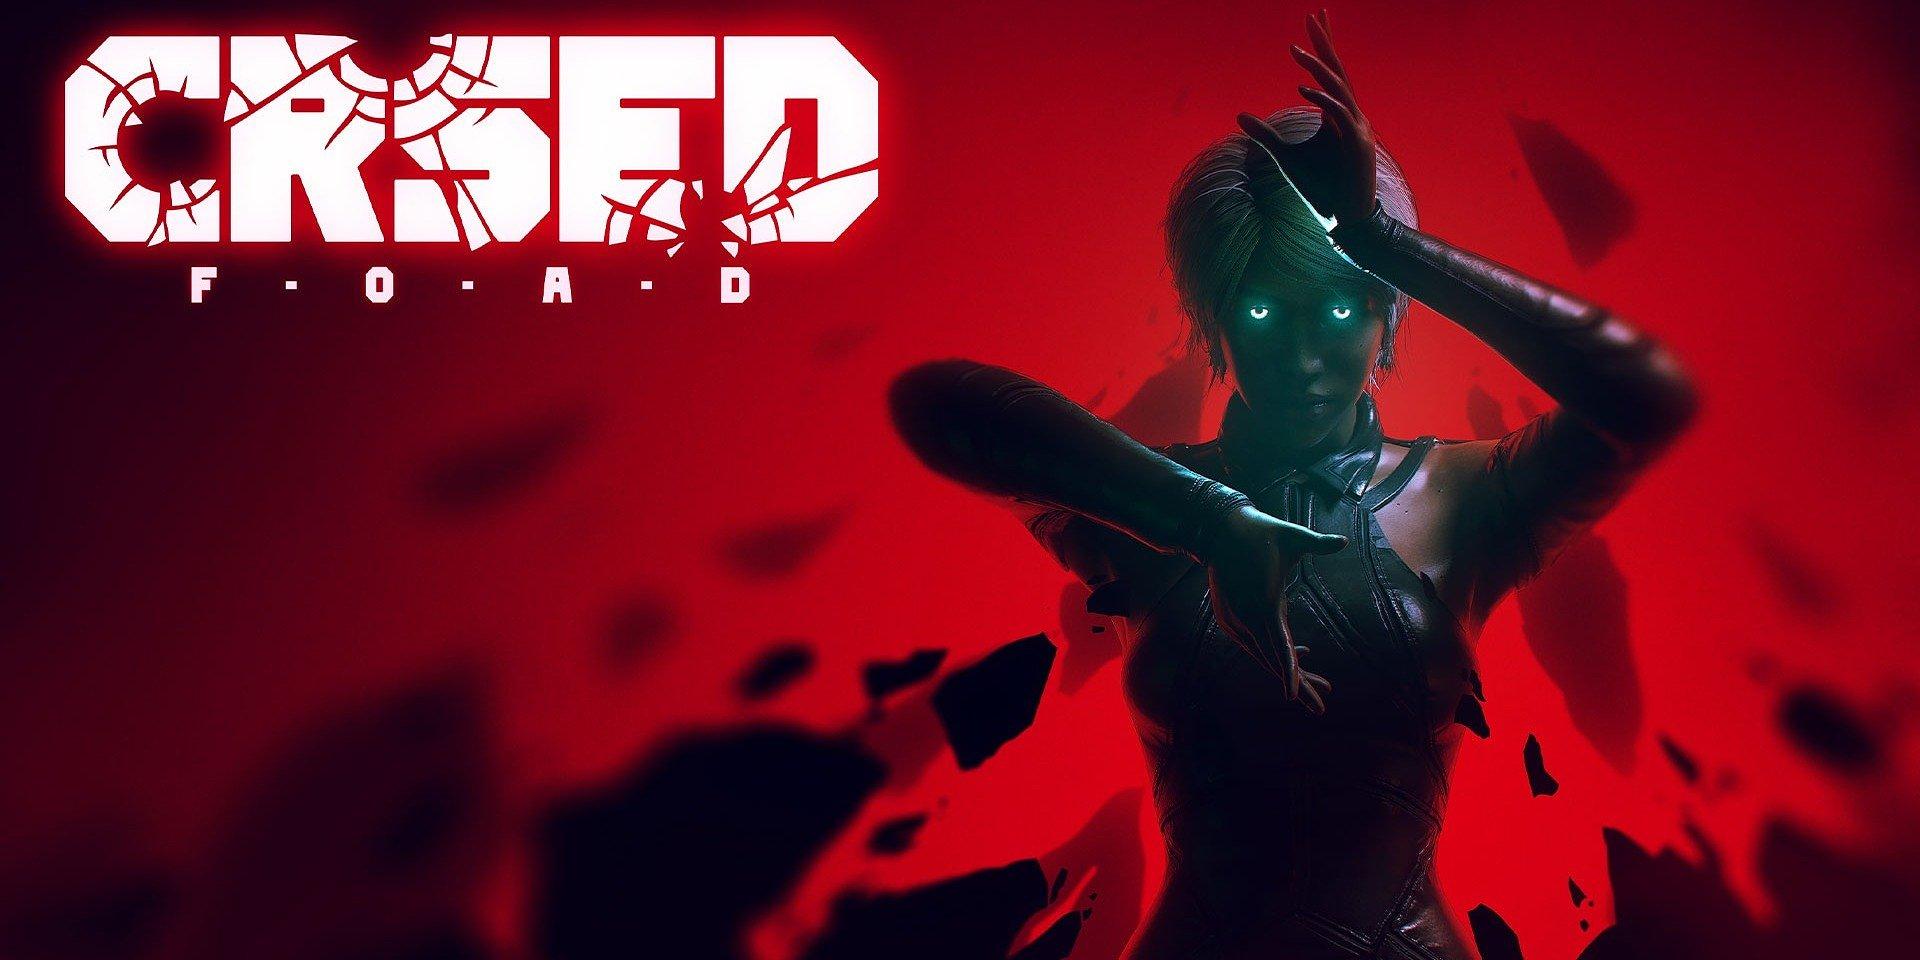 Hráči CRSED: F.O.A.D. môžu spôsobiť lietanie skál a vzostup vraždiacich duchov